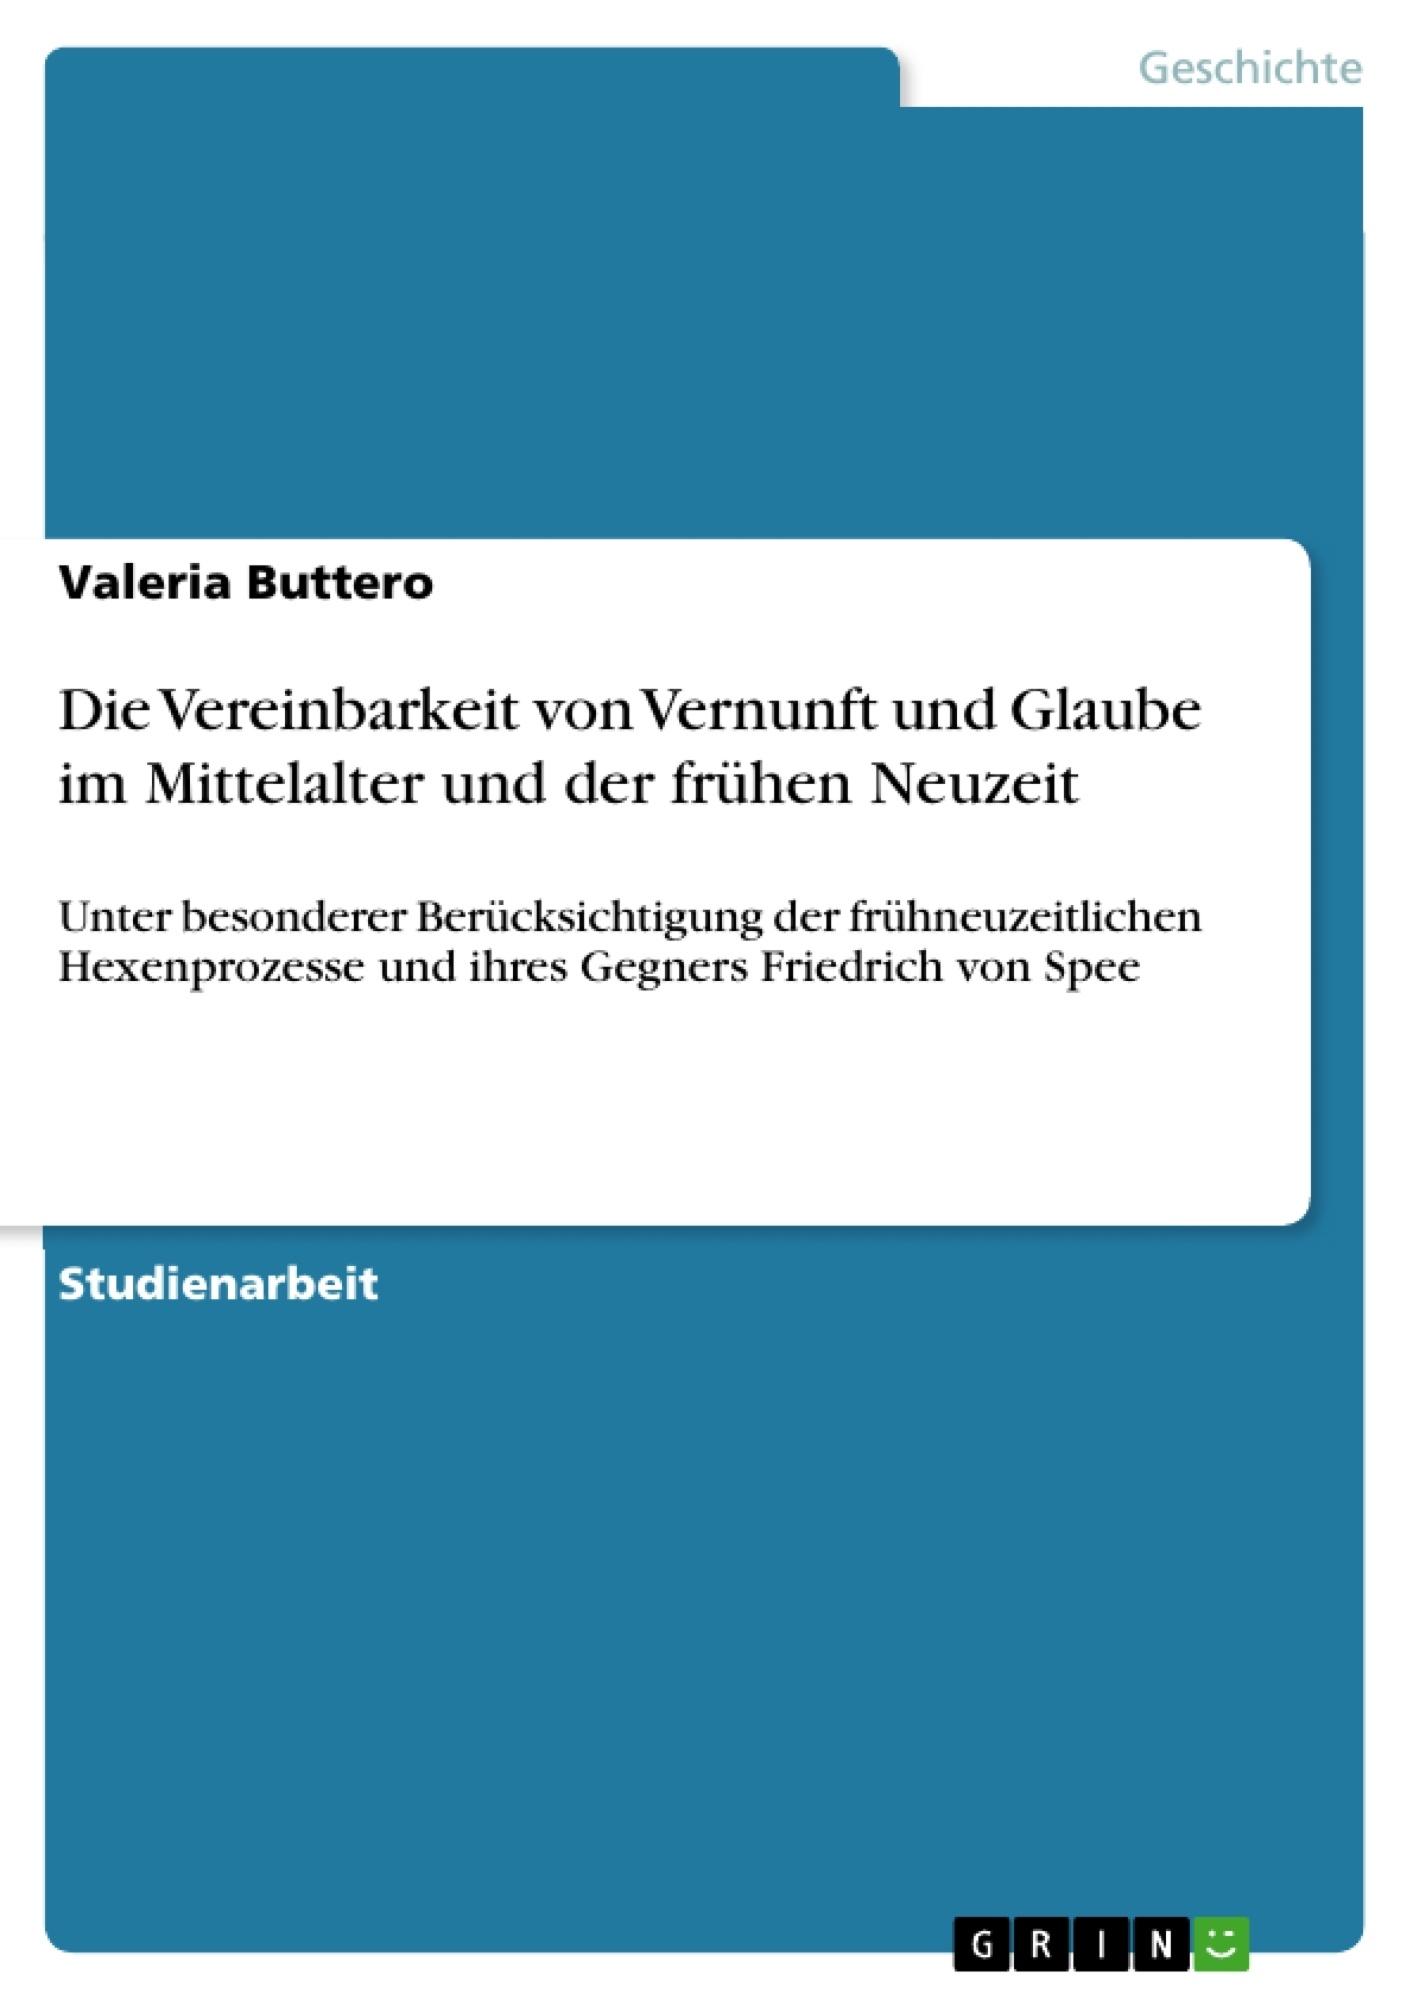 Titel: Die Vereinbarkeit von Vernunft und Glaube im Mittelalter und der frühen Neuzeit